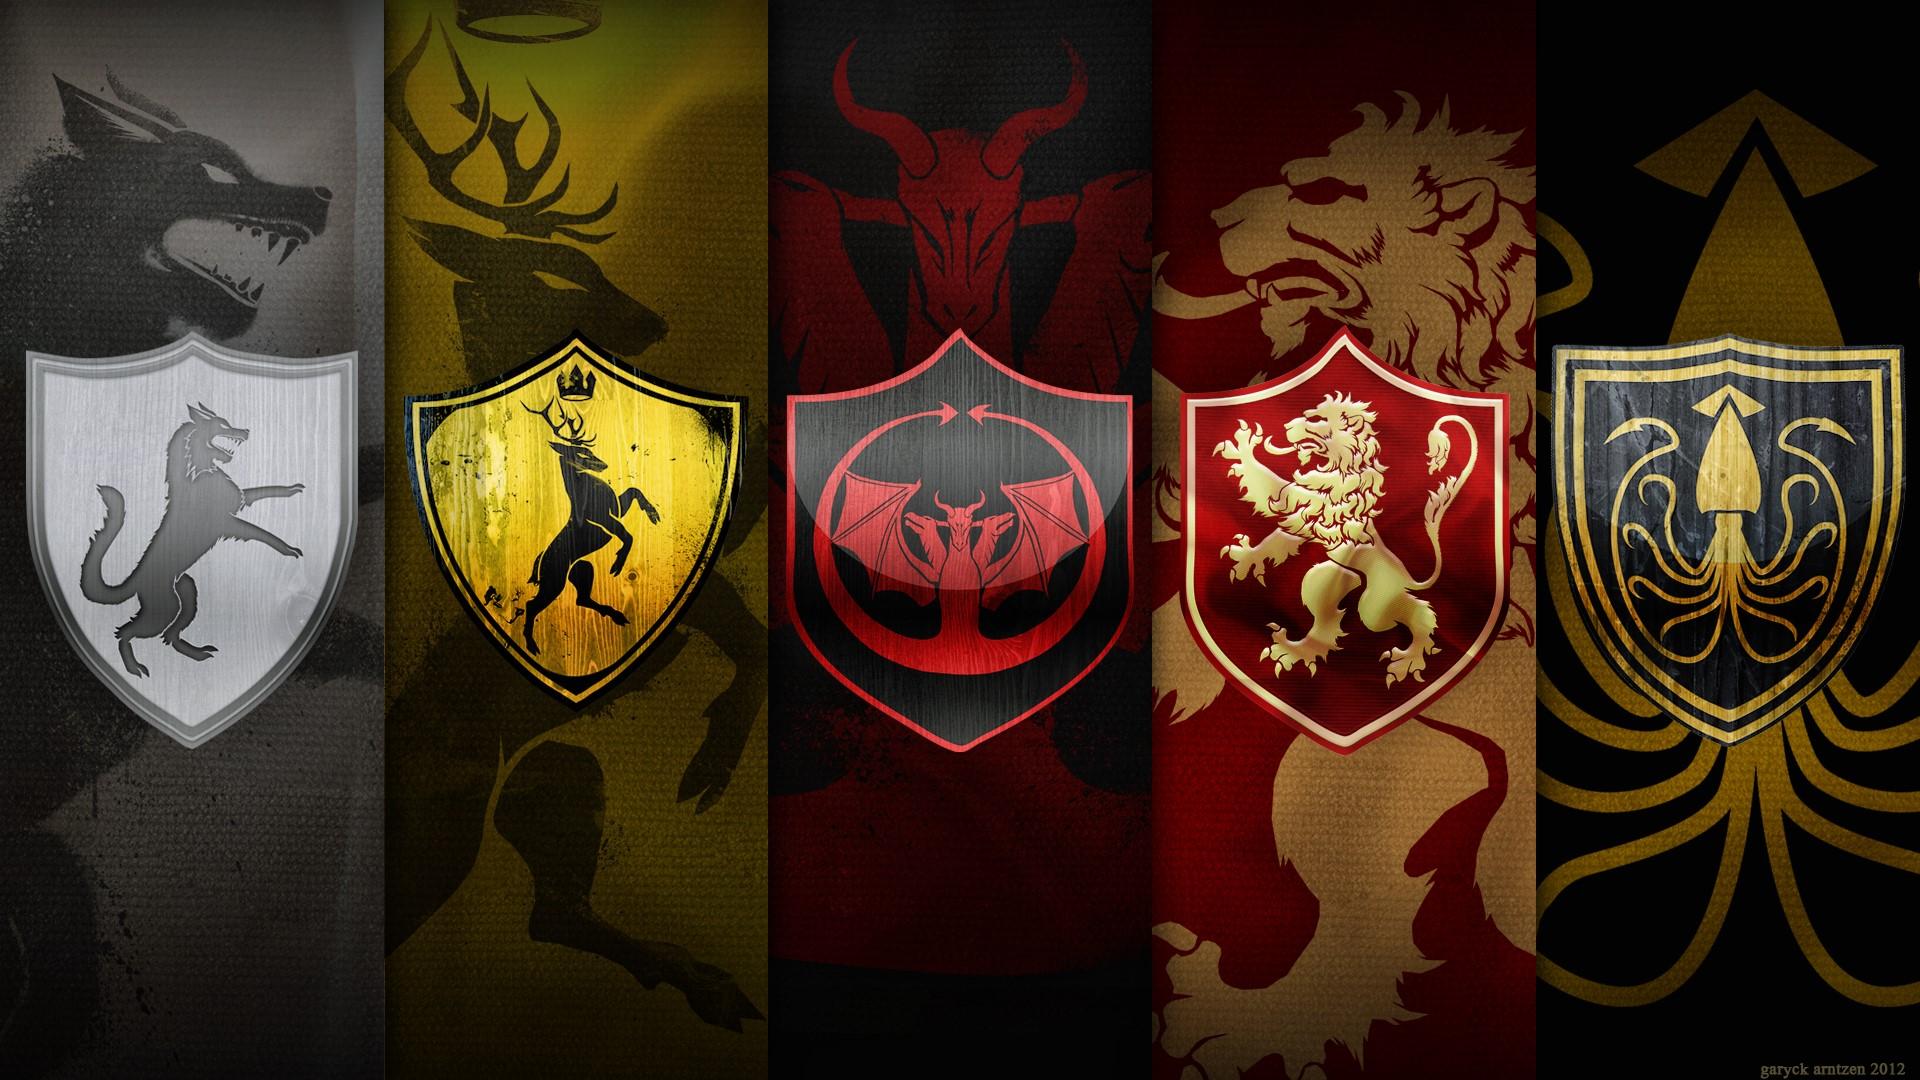 Game of thrones 8k duvar kağıtları